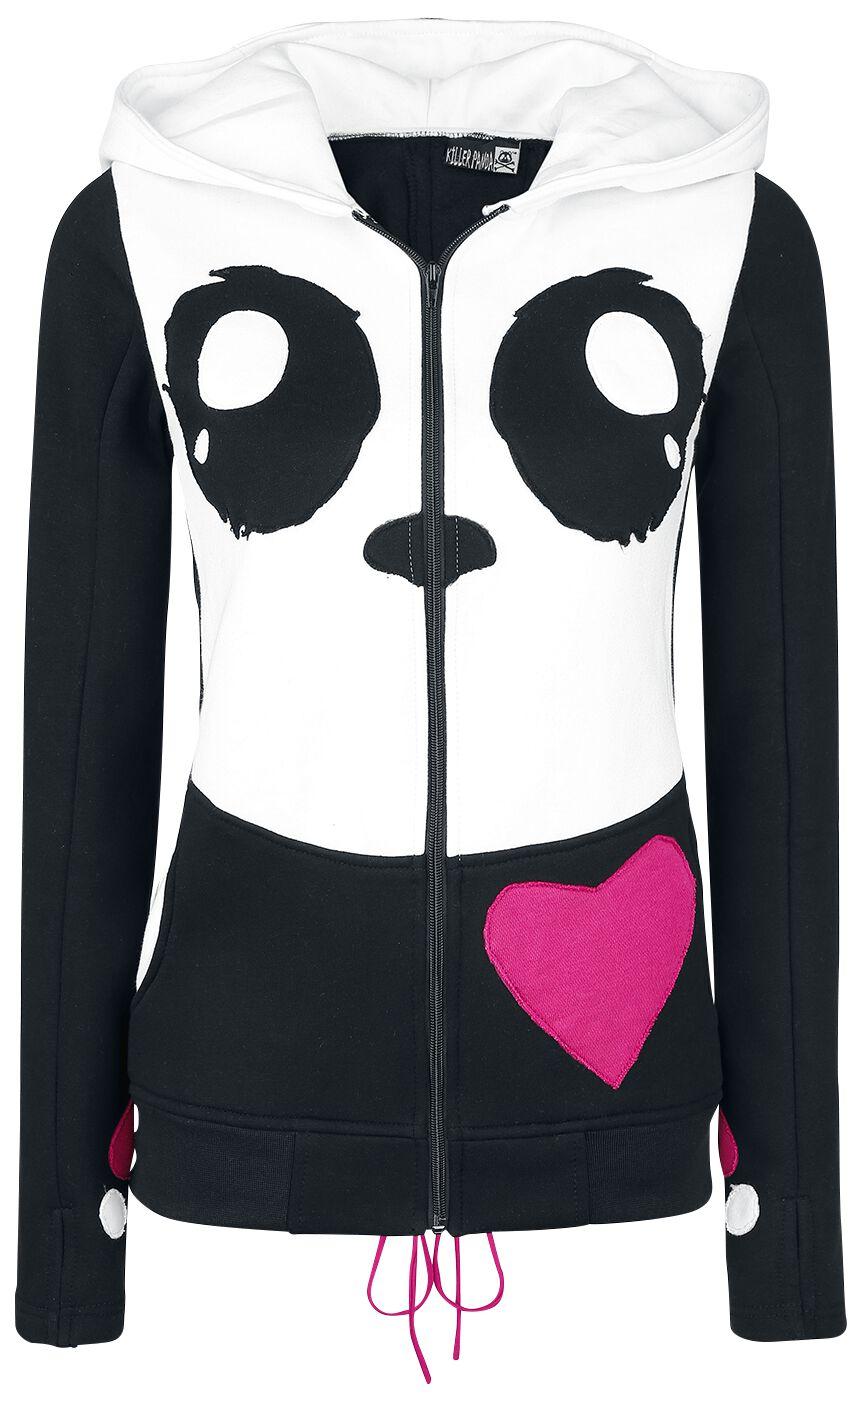 Marki - Bluzy z kapturem - Bluza z kapturem rozpinana Killer Panda KP Cosplay Hood Bluza z kapturem rozpinana czarny/biały - 360938